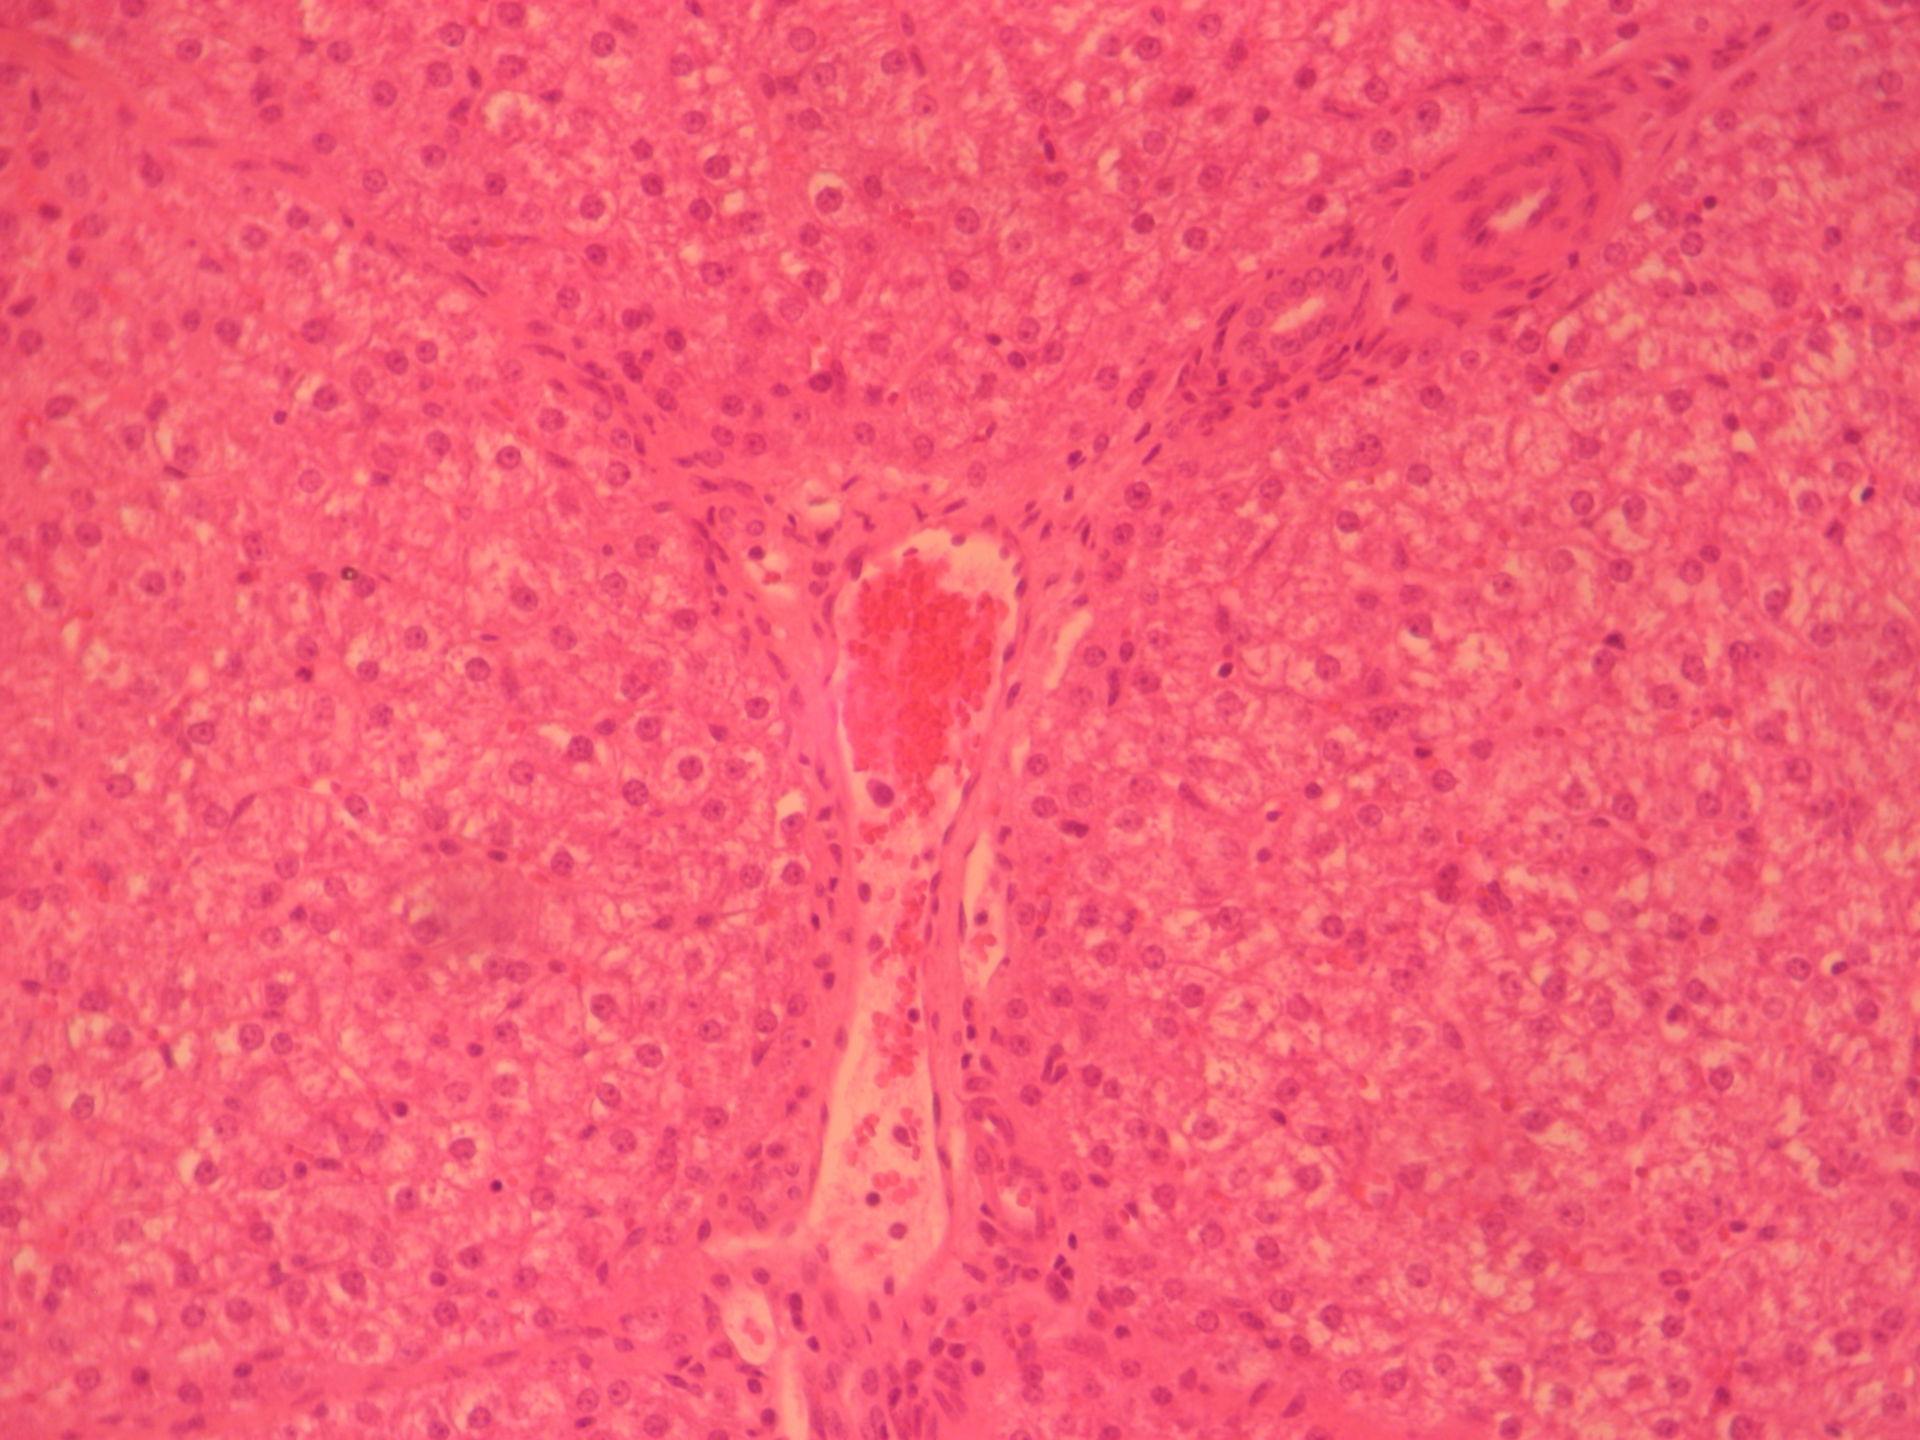 Liver of pig- liver triad